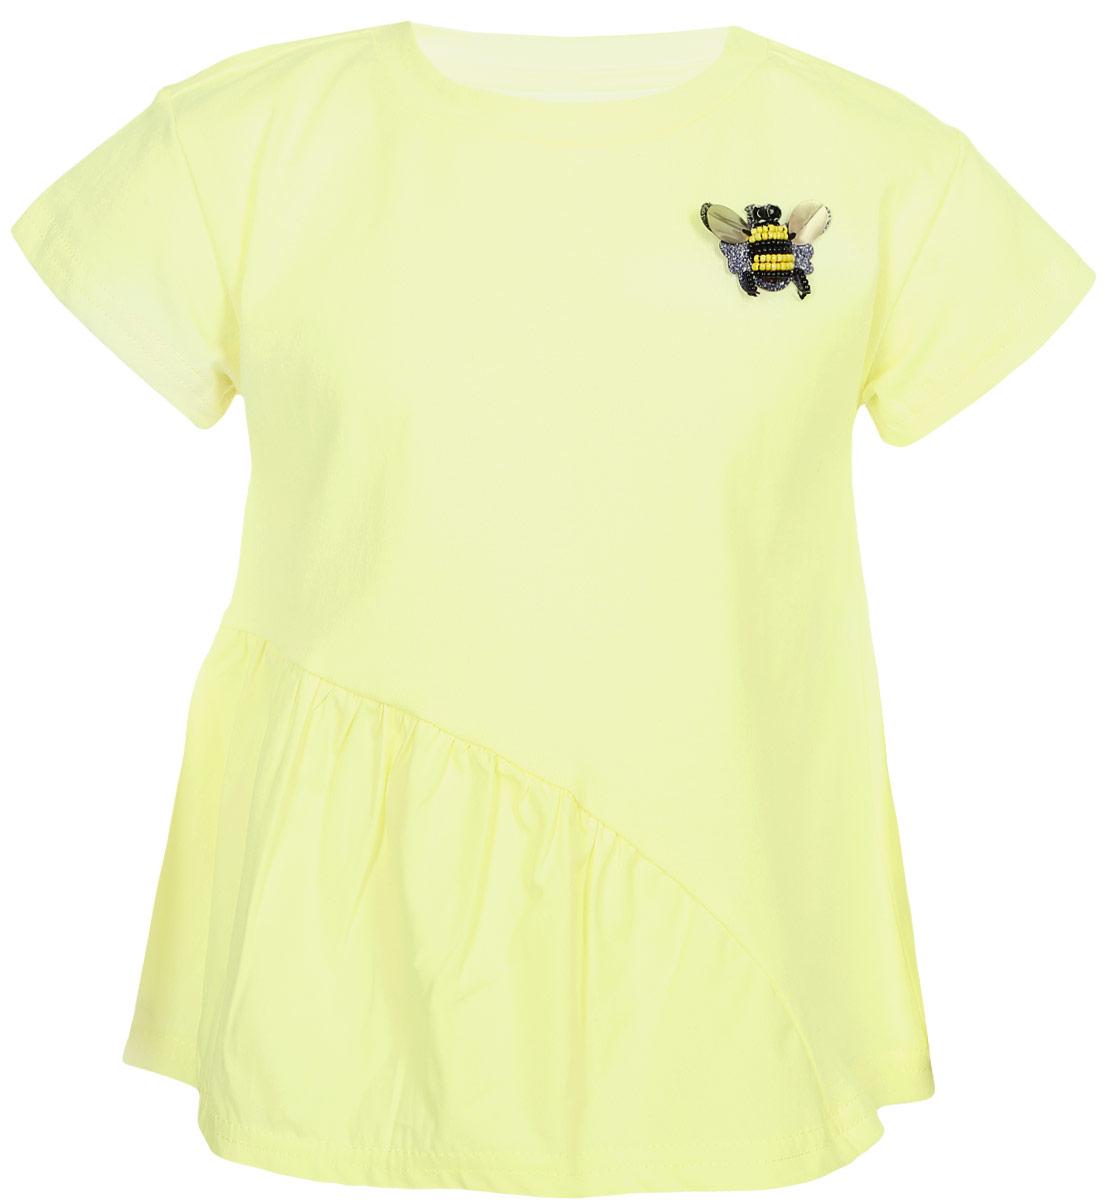 Футболка для девочки Acoola Musca, цвет: желтый. 20220110123_1200. Размер 10420220110123_1200Трикотажная футболка с косой оборкой из хлопкового поплина снизу. Перед декорирован пришитой брошью из бисера в виде пчелки. Свободный силуэт, круглый вырез горловины.